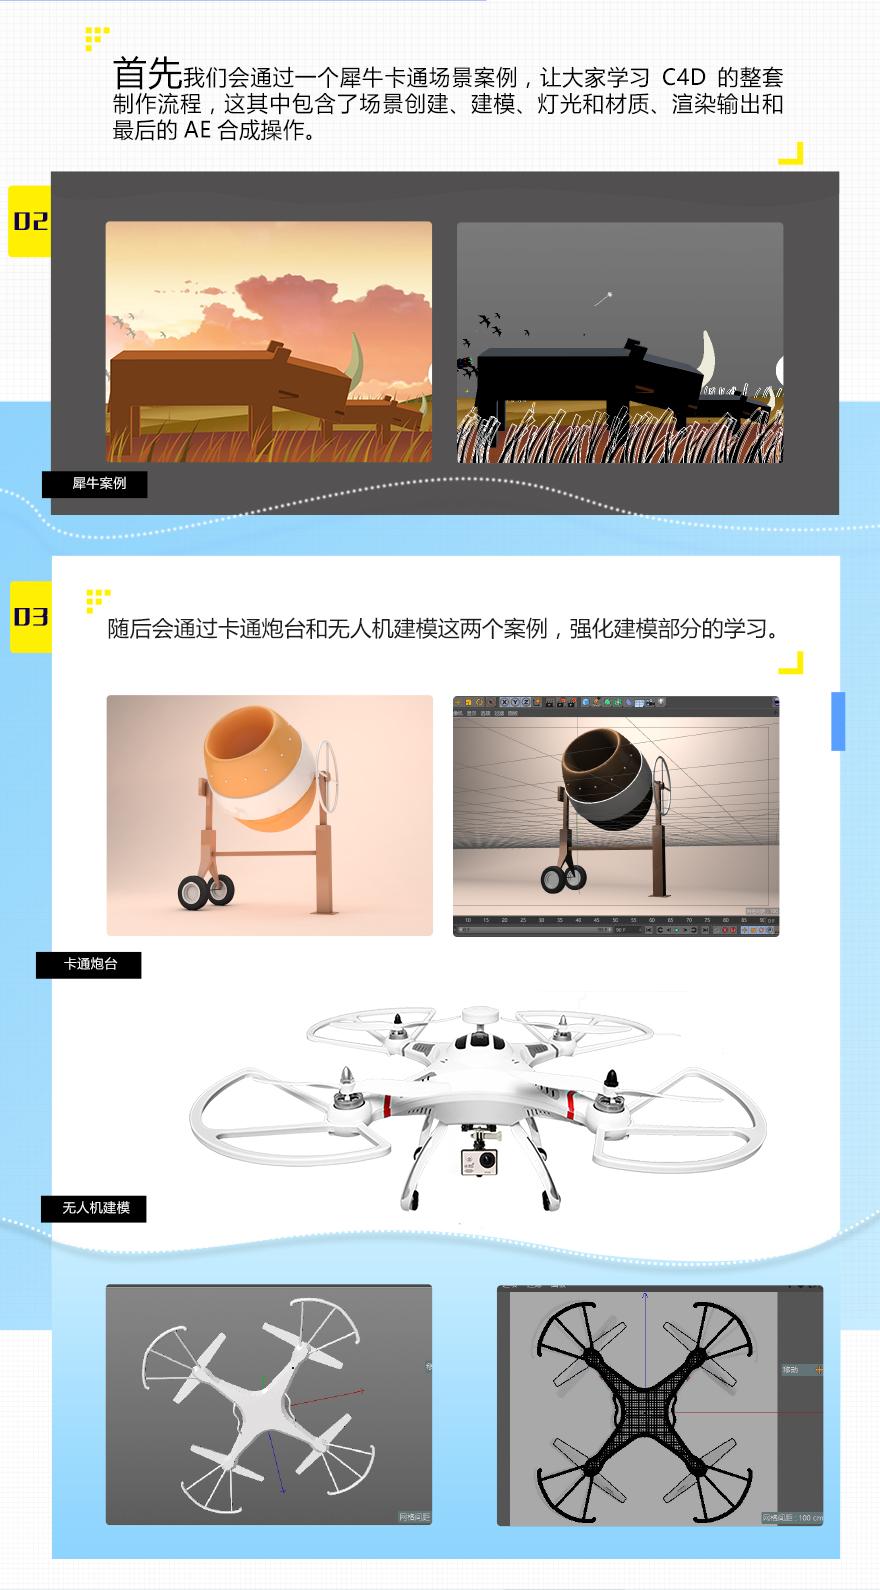 AE-C4D动画全系列教程#30天熟练掌握AE C4D_零基础的小白特效视频教程_AE_C4D入门系列4